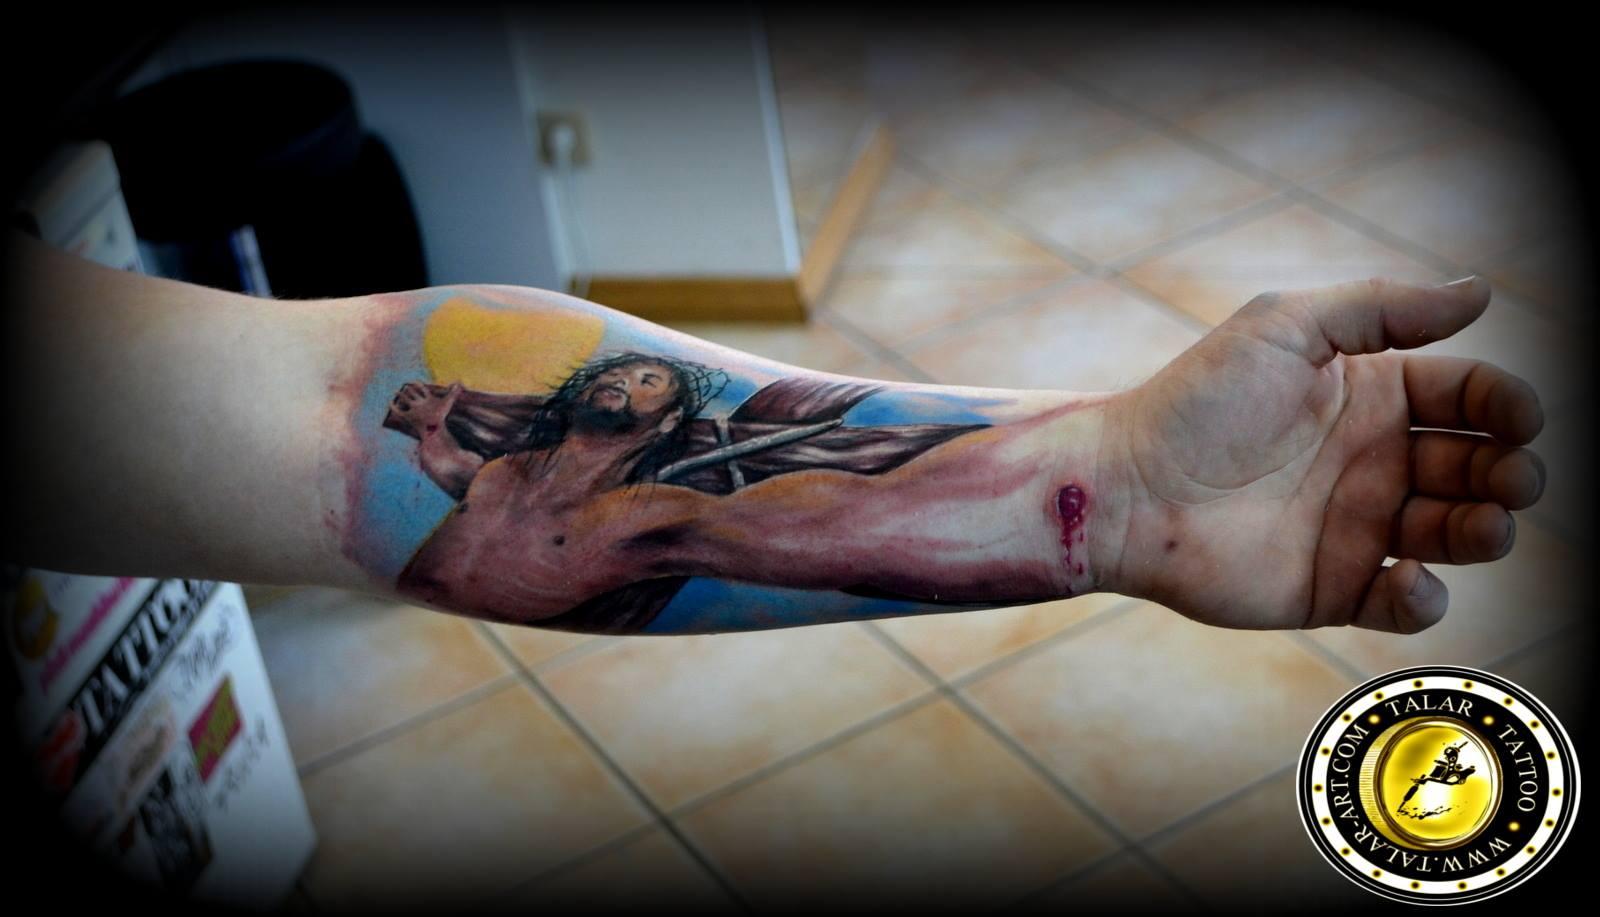 Talar Tattoo Słubice Pielegnacja Tatuażu